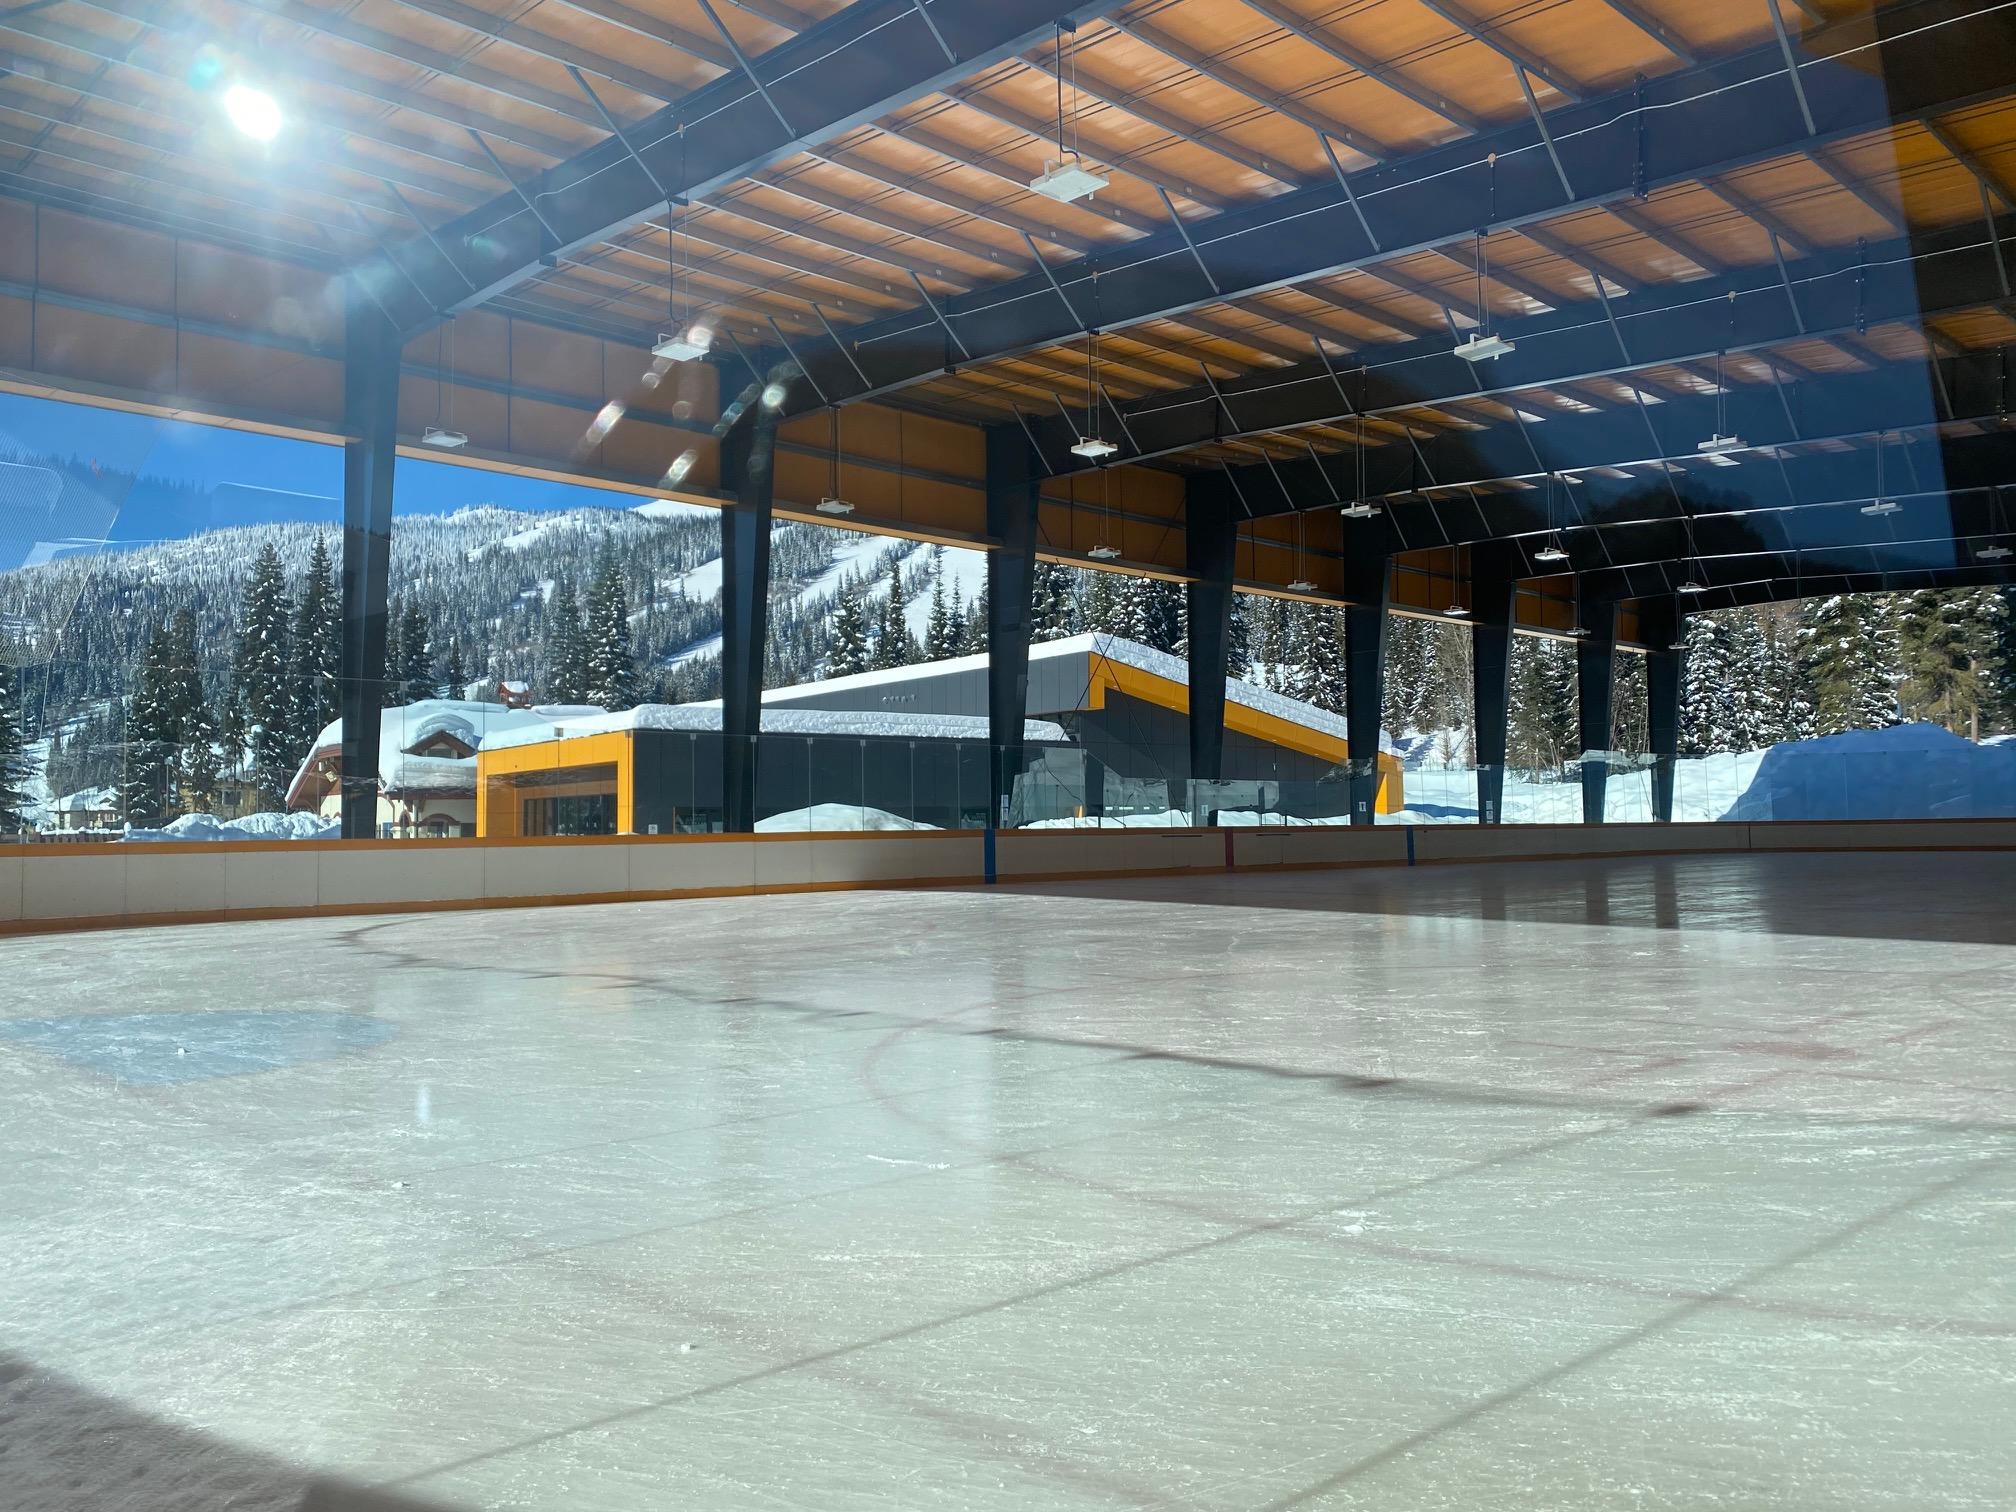 Sun Peaks ice rink & Apline Fitness